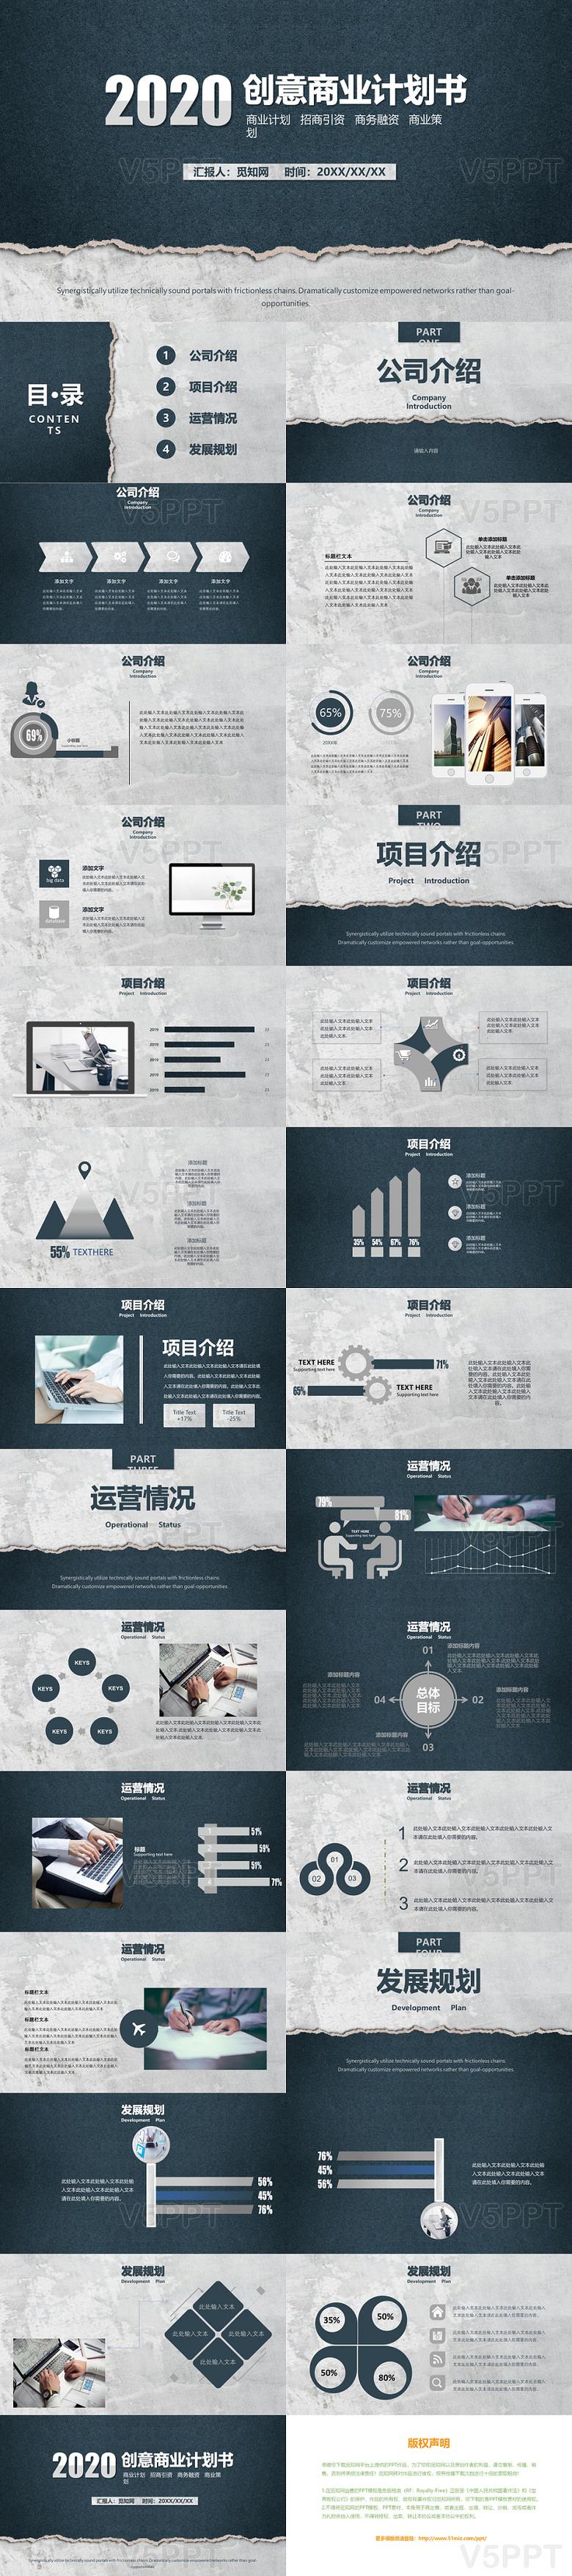 创意撕纸效果商业计划书招商引资商业融资策划PPT模板